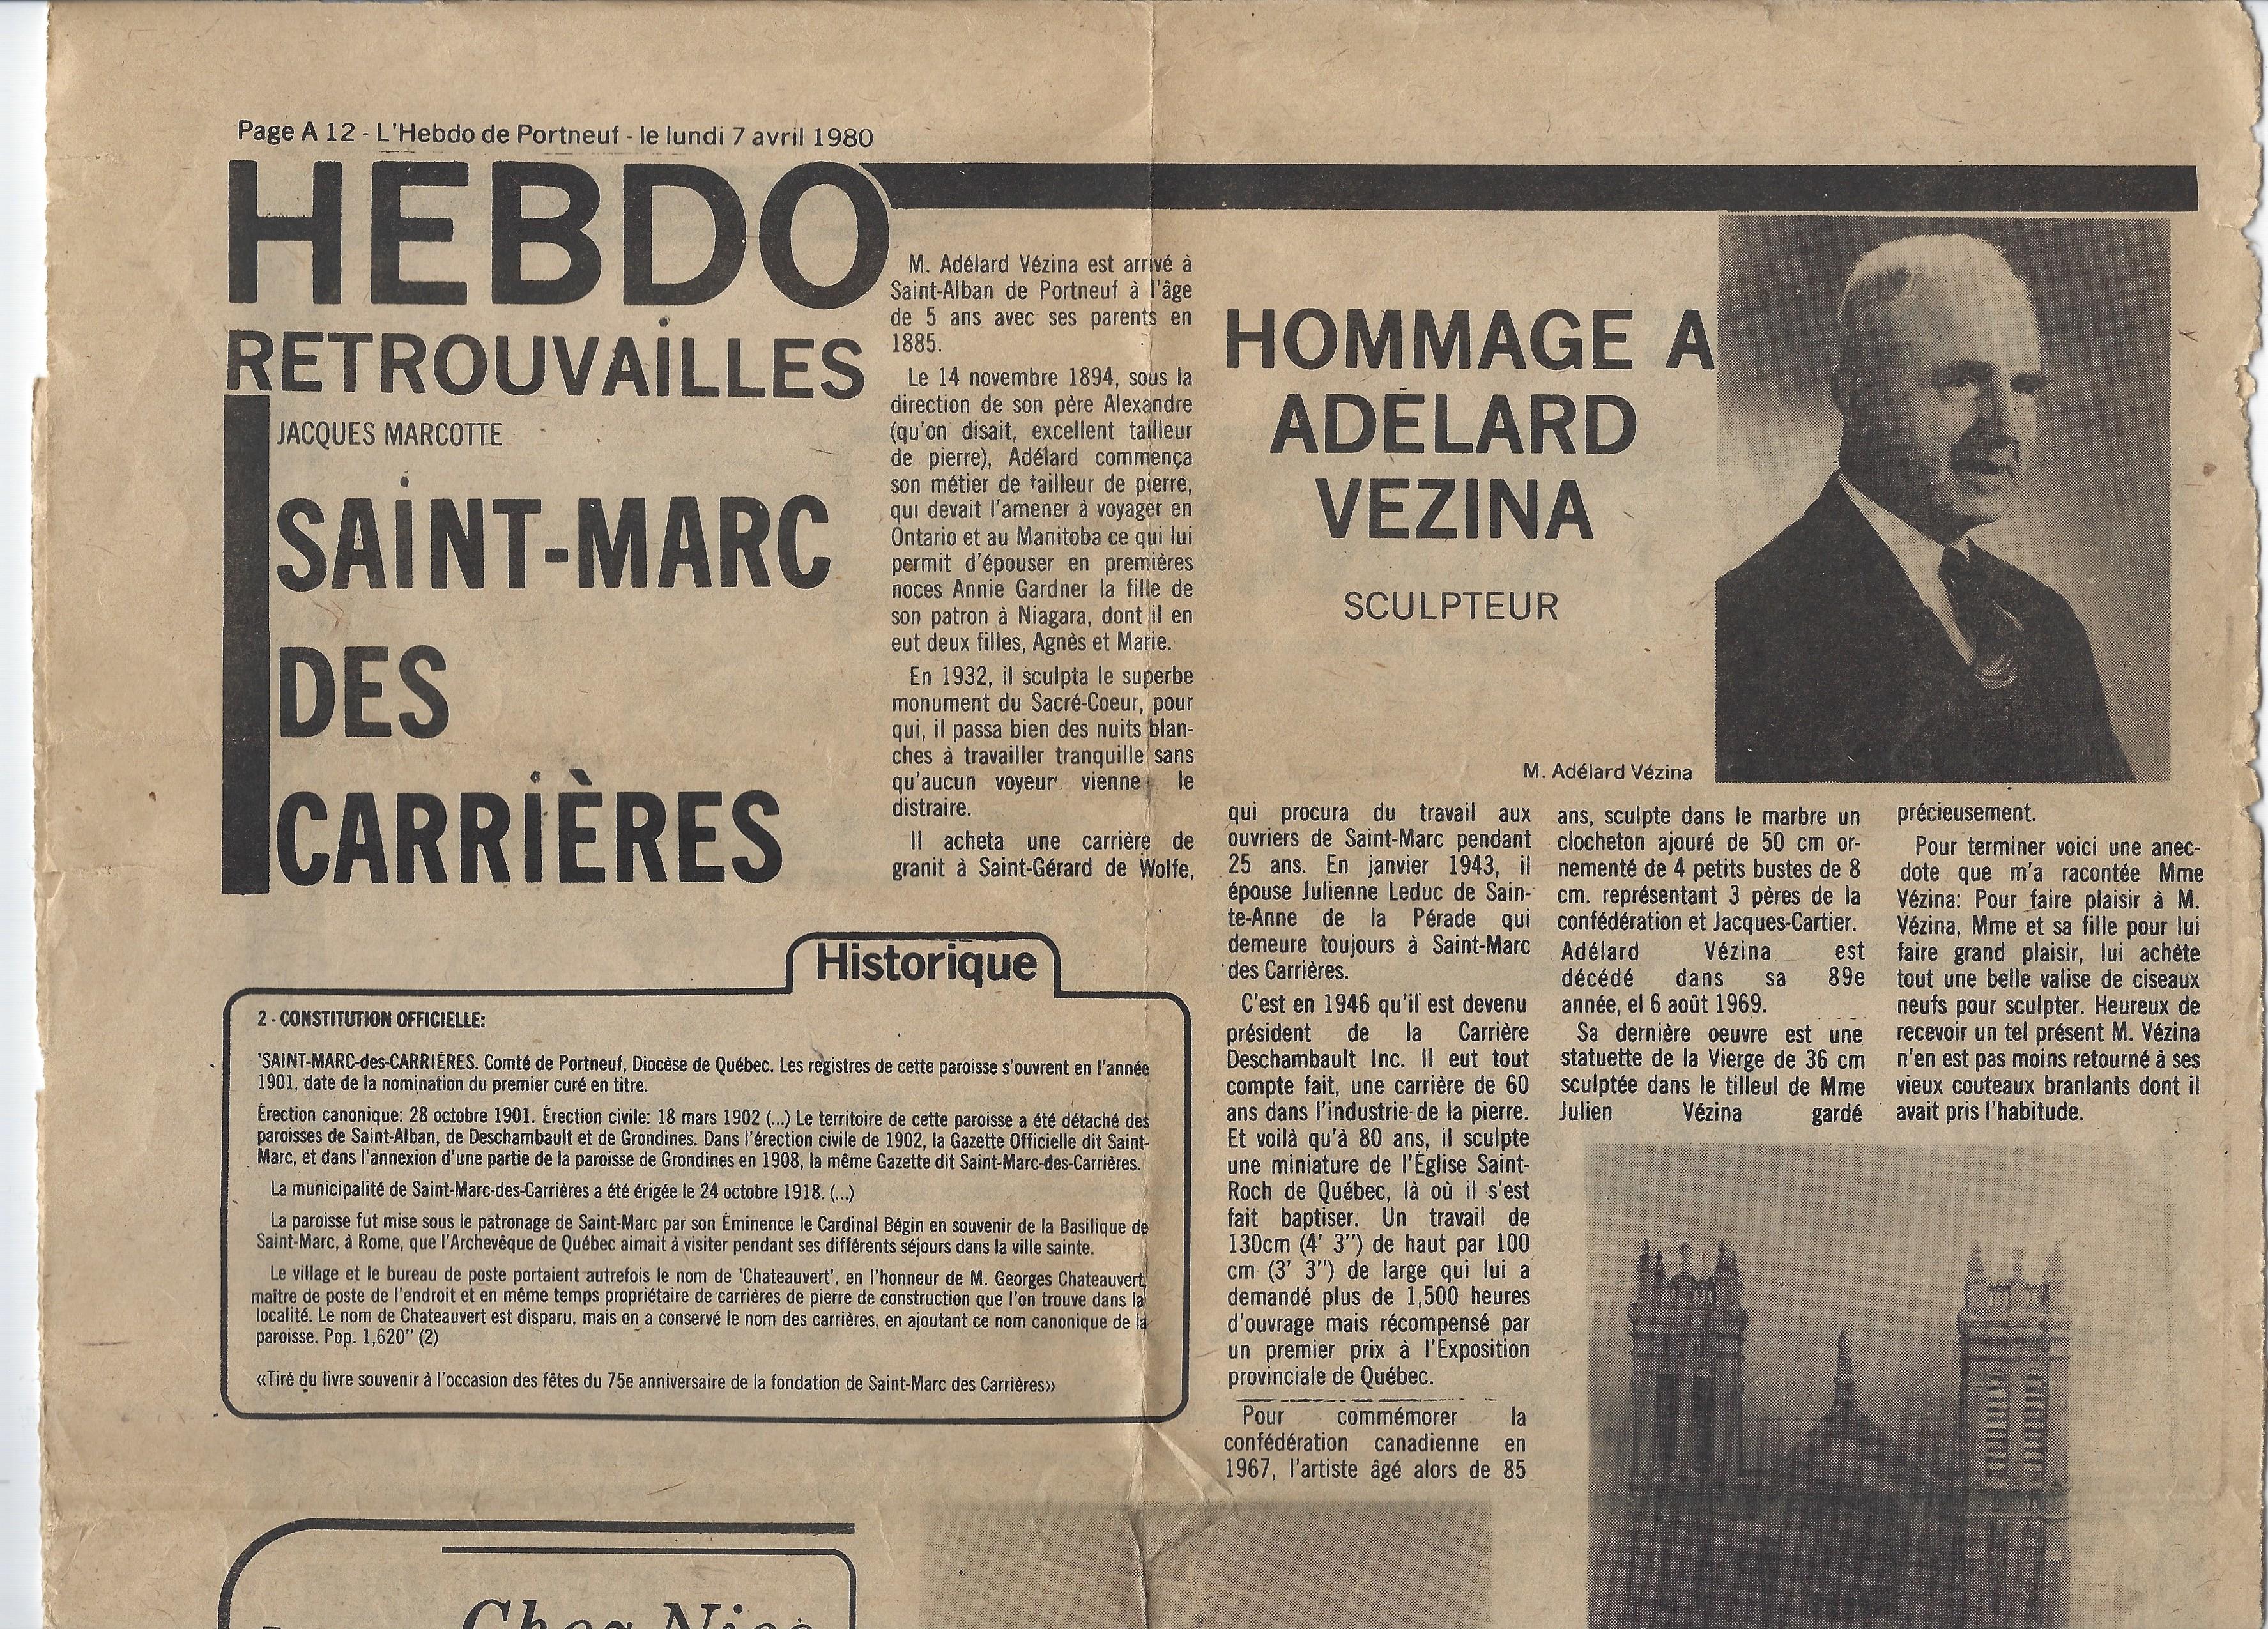 Article de journal sur l'oeuvre d'Adélard Vézina